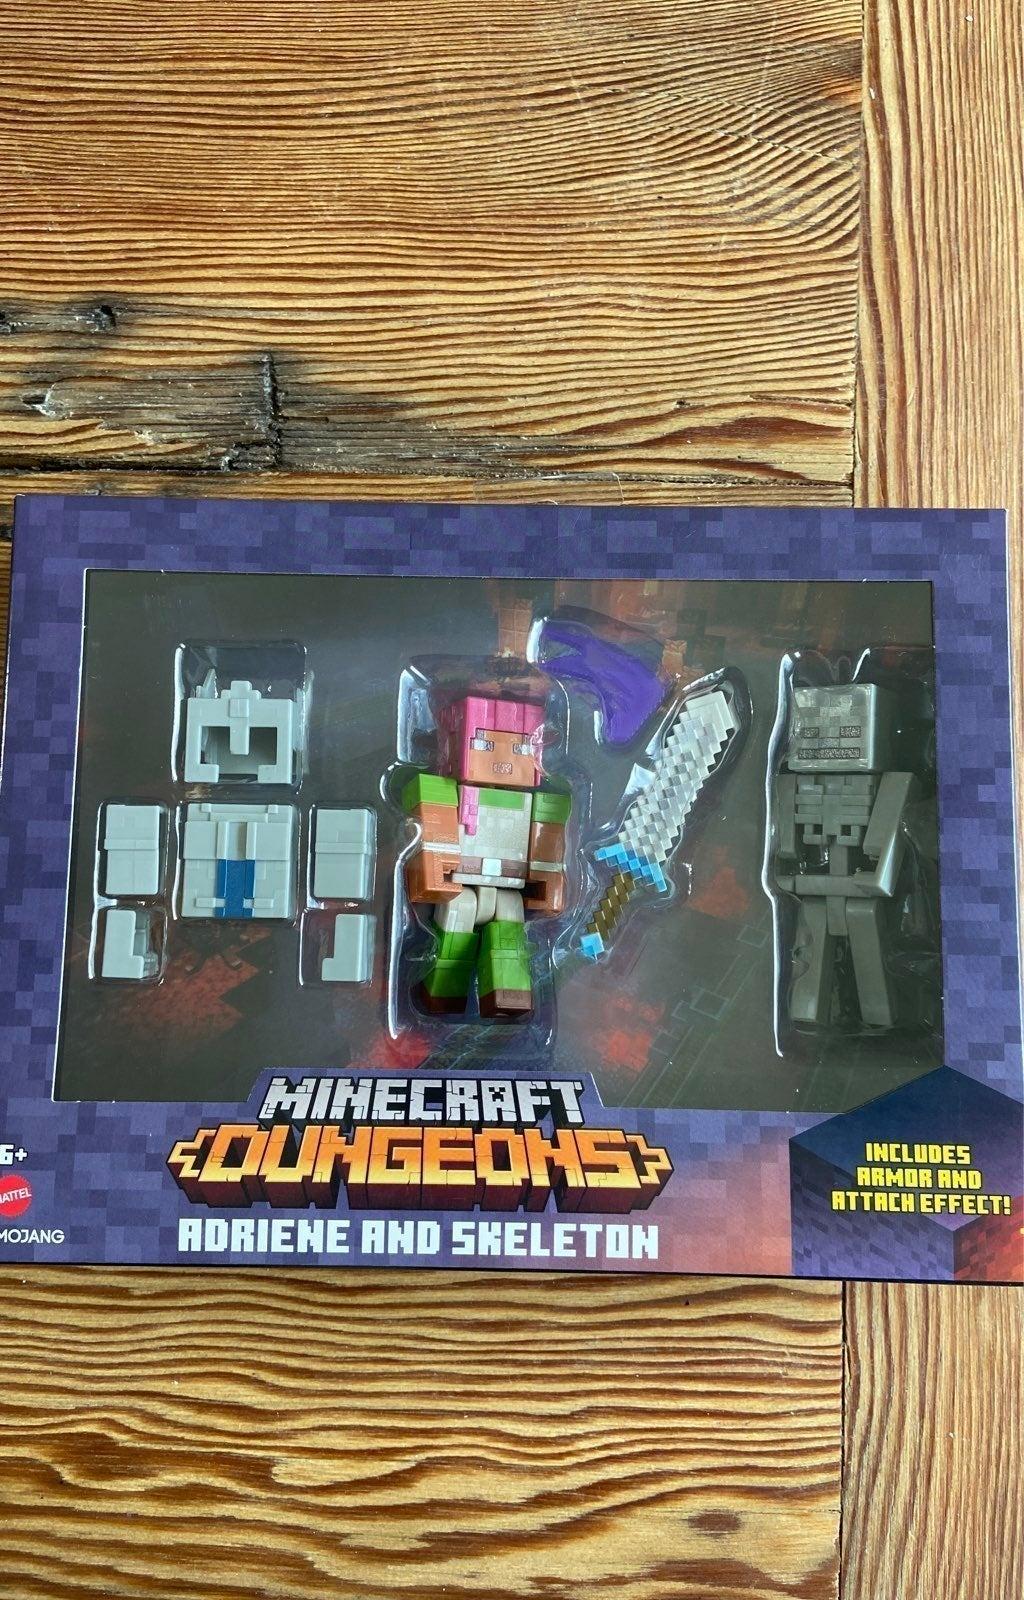 Minecraft Dungeons ADRIENE AND SKELETON